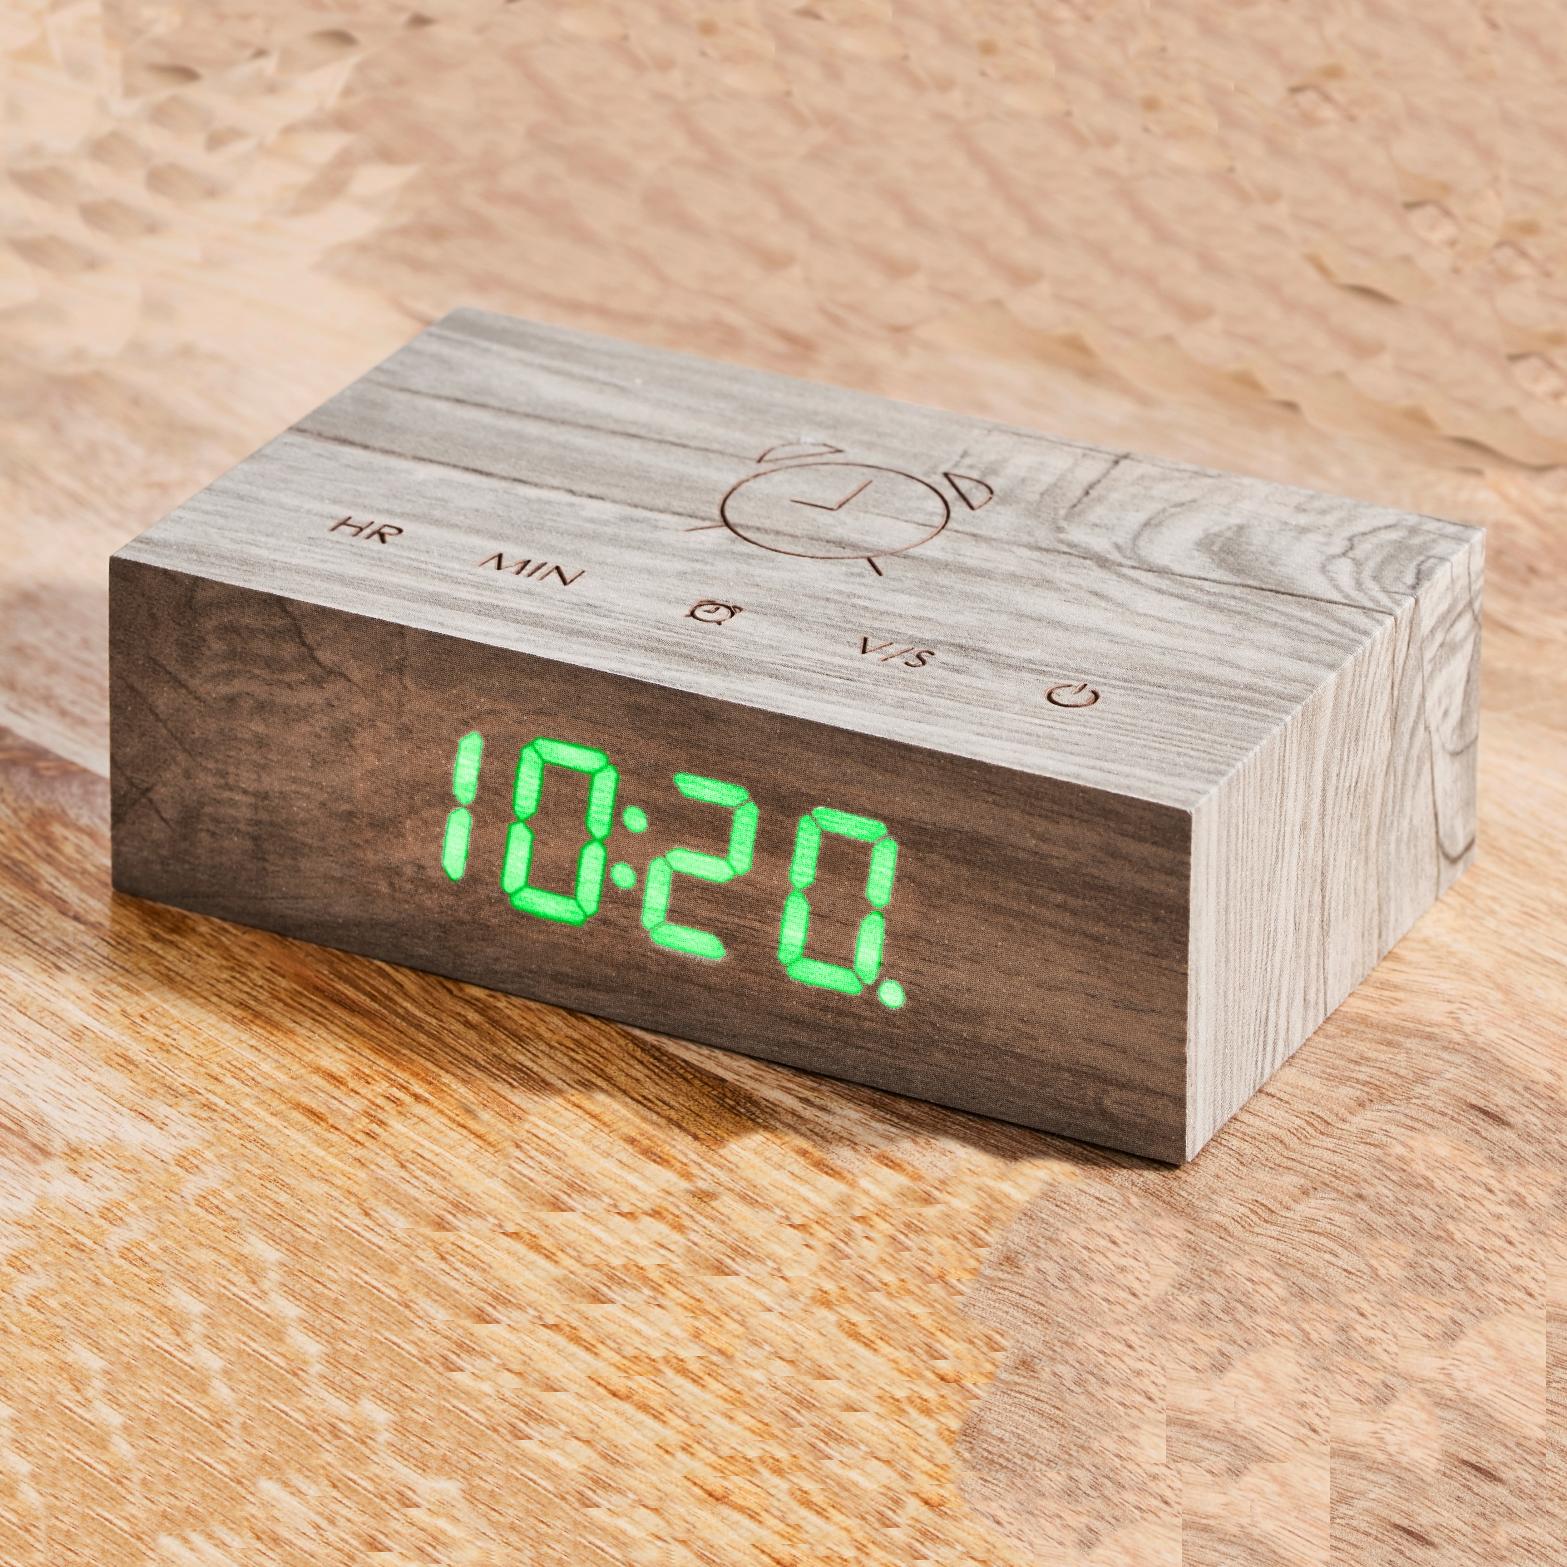 Click Clock Flip Sloophout met groene led